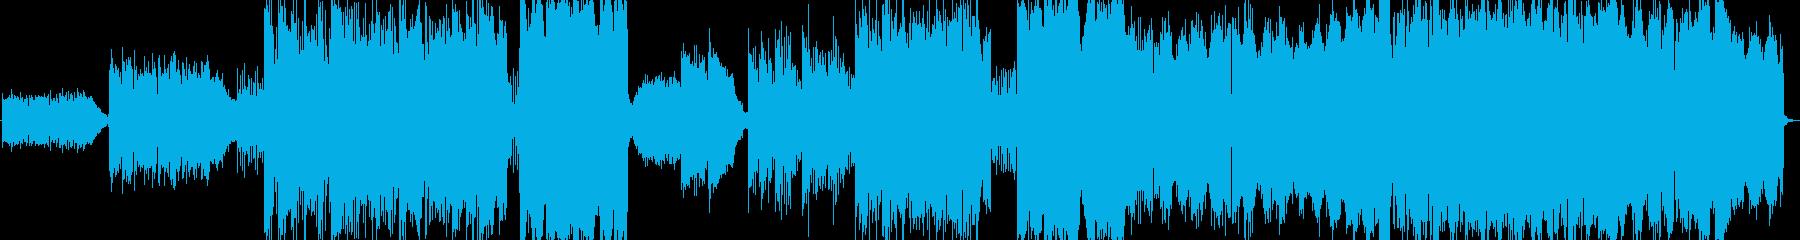 大人のギターインストの再生済みの波形